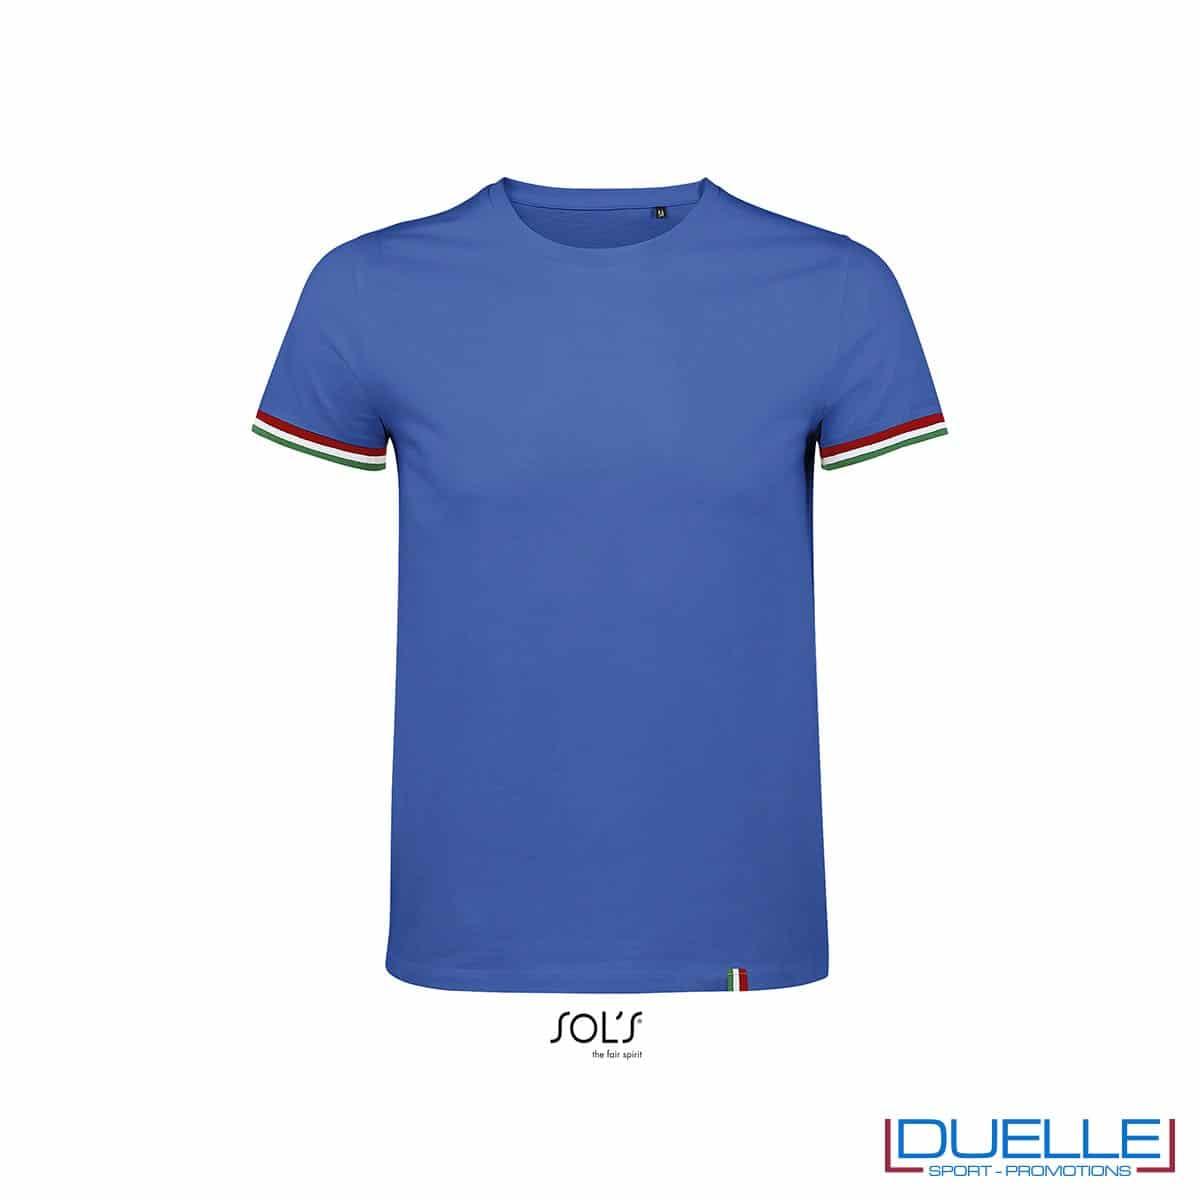 T-shirt girocollo cotone tricolore personalizzata colore blu royal